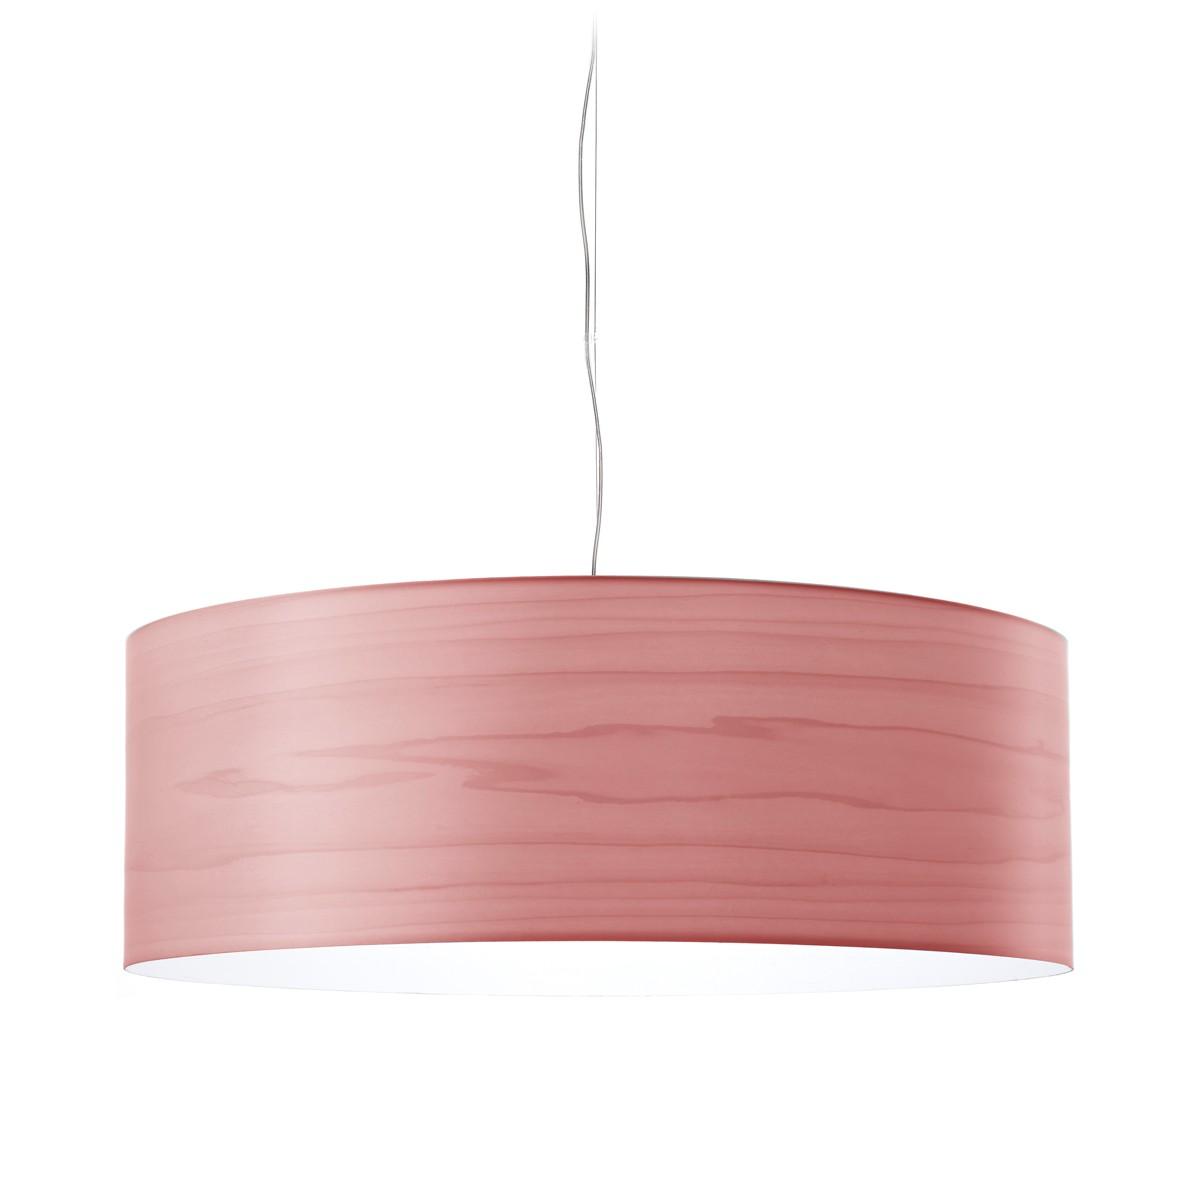 LZF Lamps Gea Large Pendelleuchte, pink